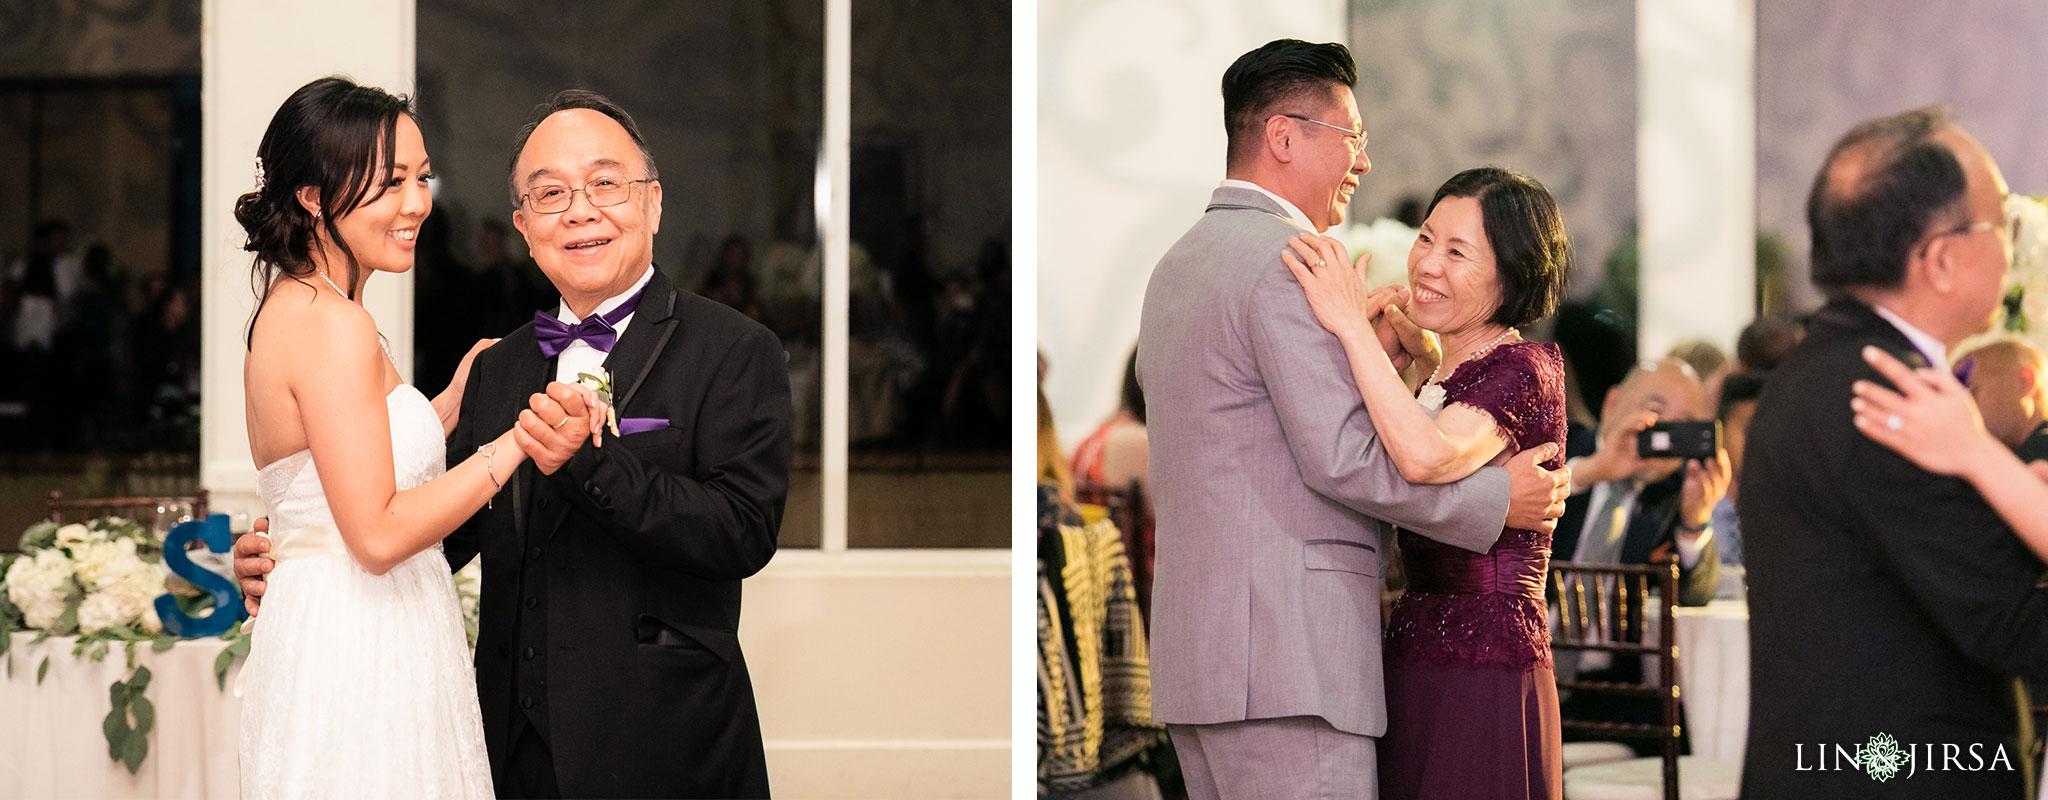 27 westridge golf club la habra wedding reception photography